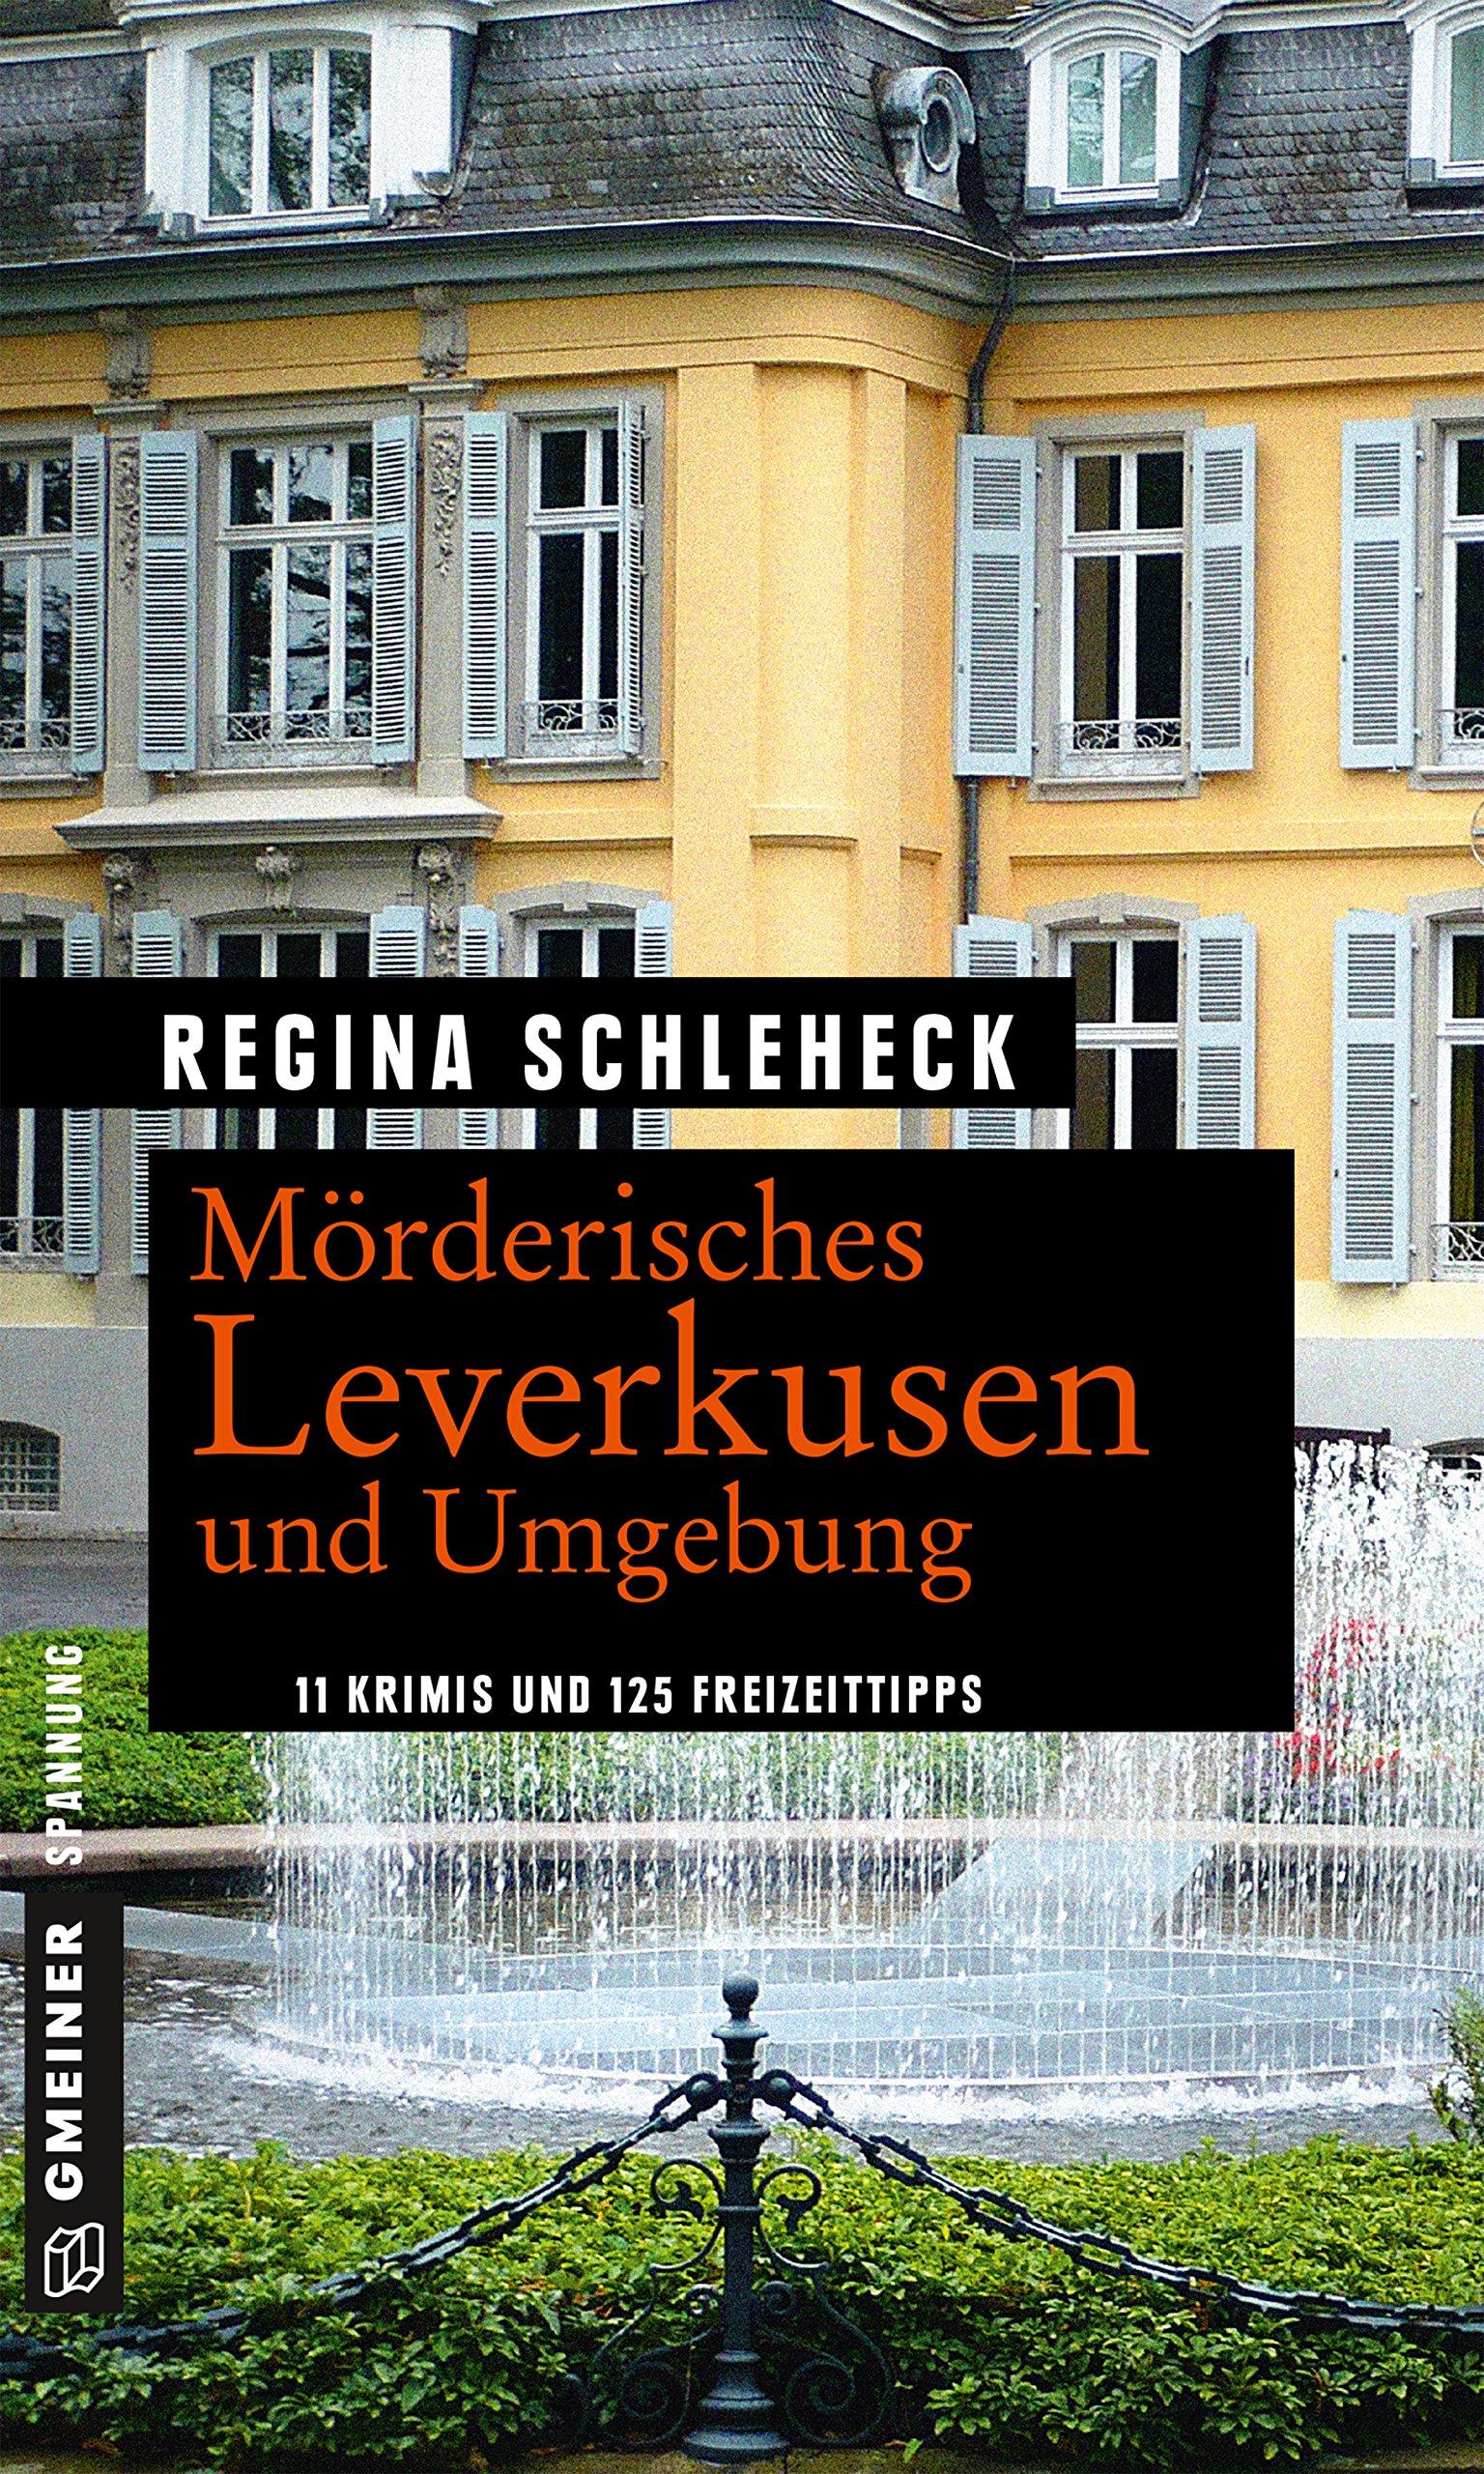 Mörderisches Leverkusen und Umgebung: 11 Krimis und 125 Freizeittipps (Kriminelle Freizeitführer im GMEINER-Verlag)